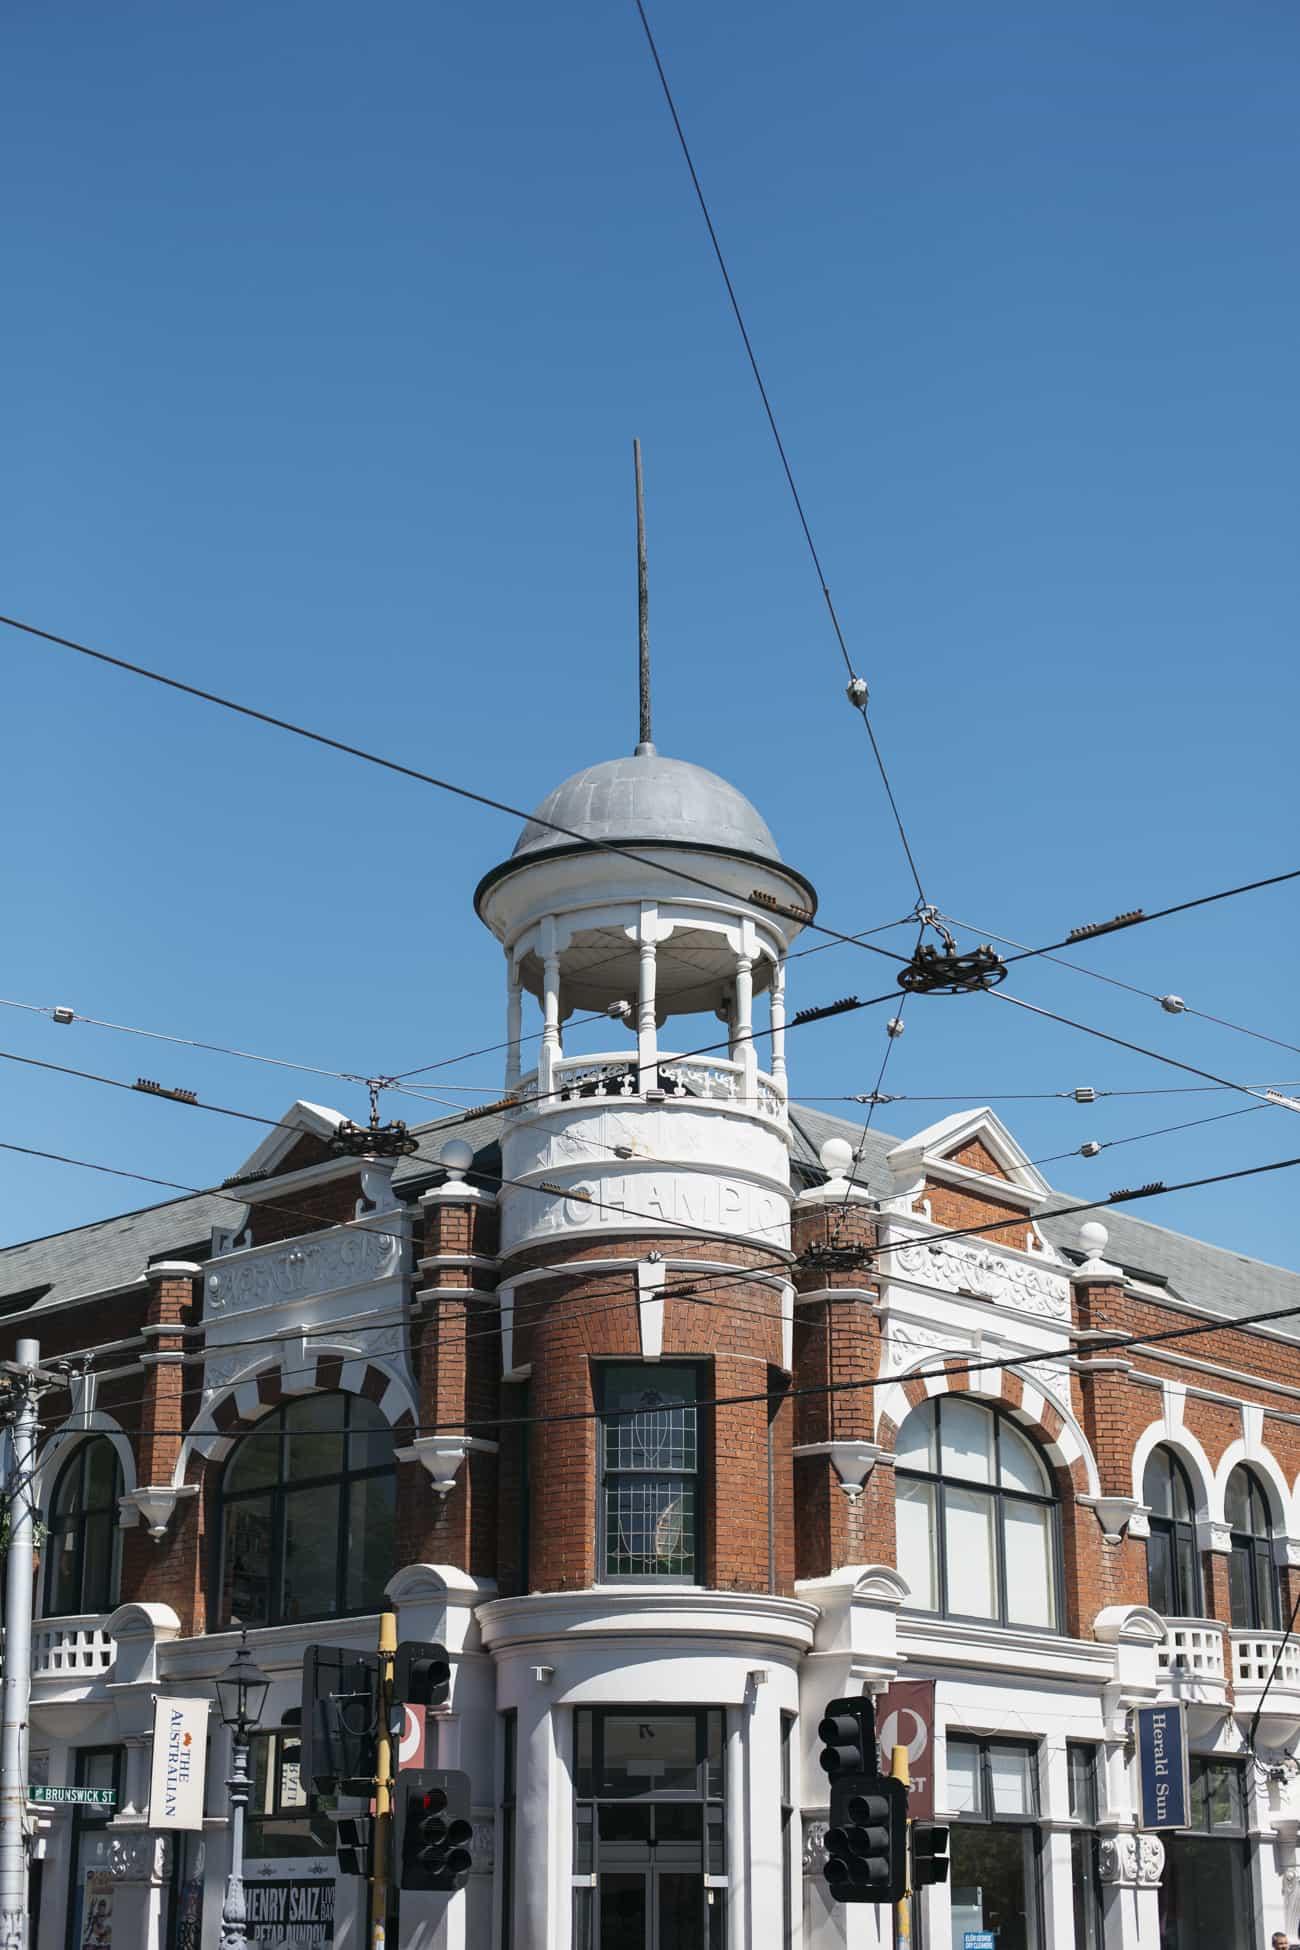 Kinlake-Melbourne-Australia-City-Lifestyle-2-7368